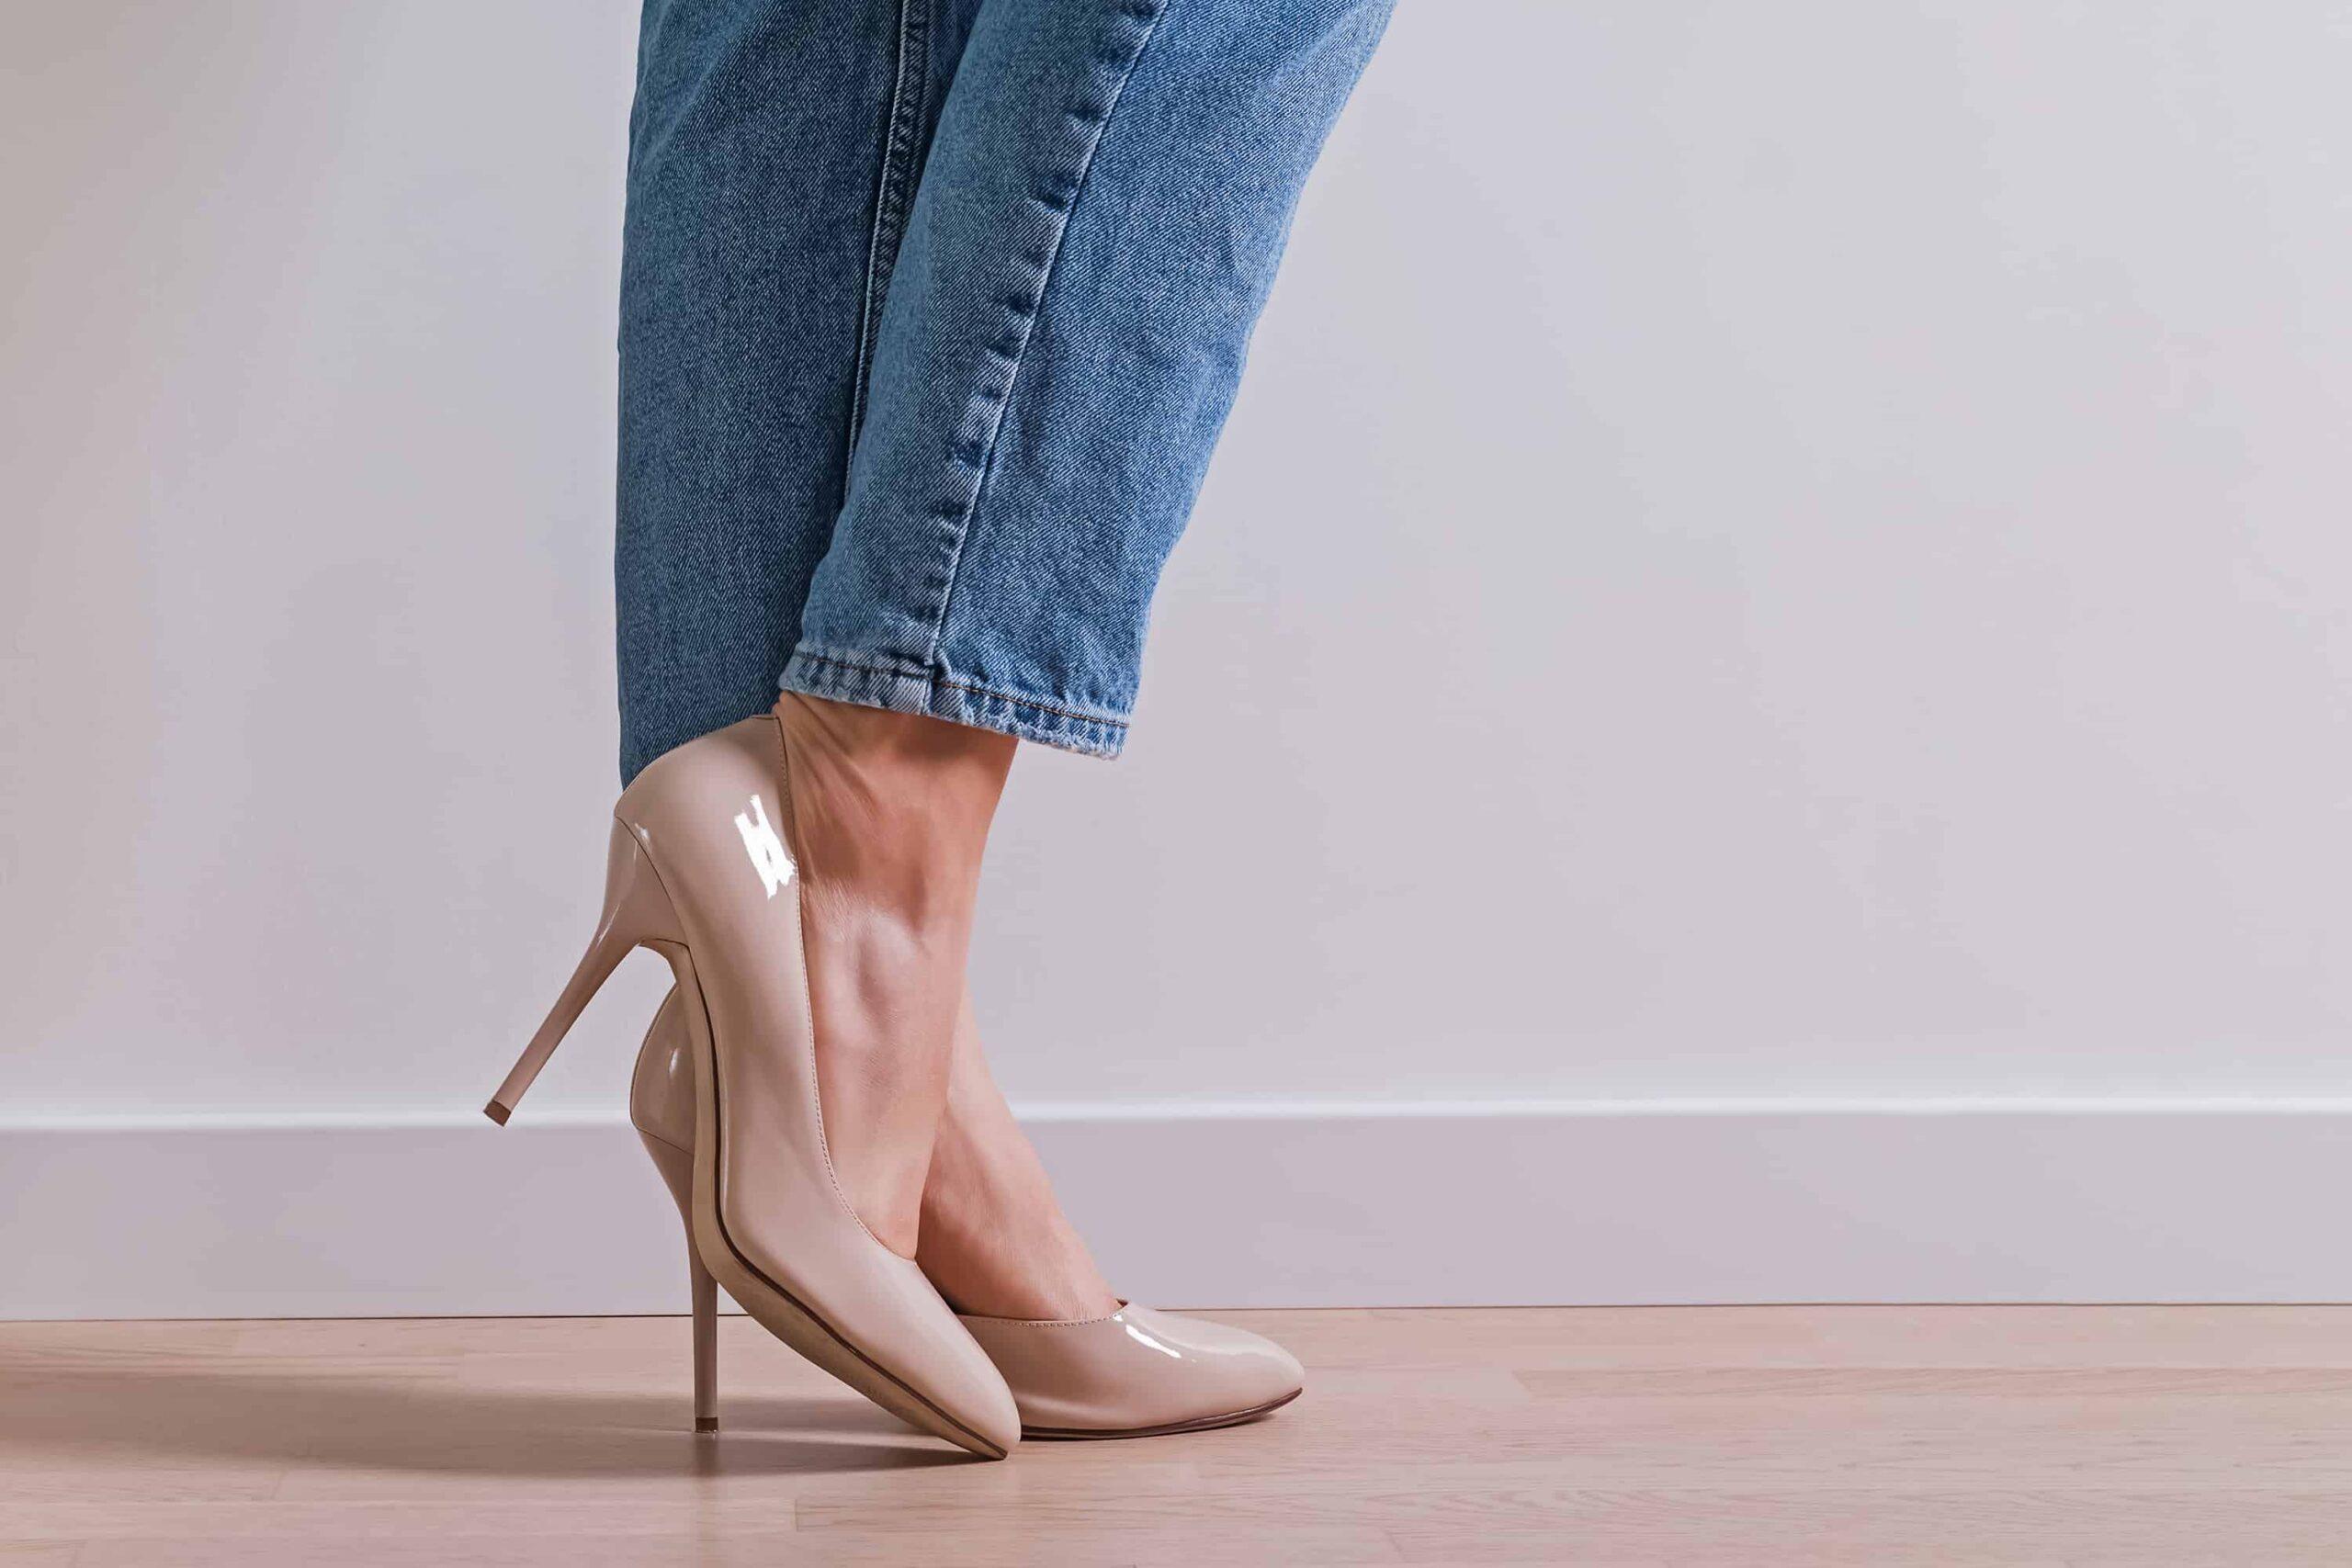 Không được mang giày cao gót lên sàn gỗ